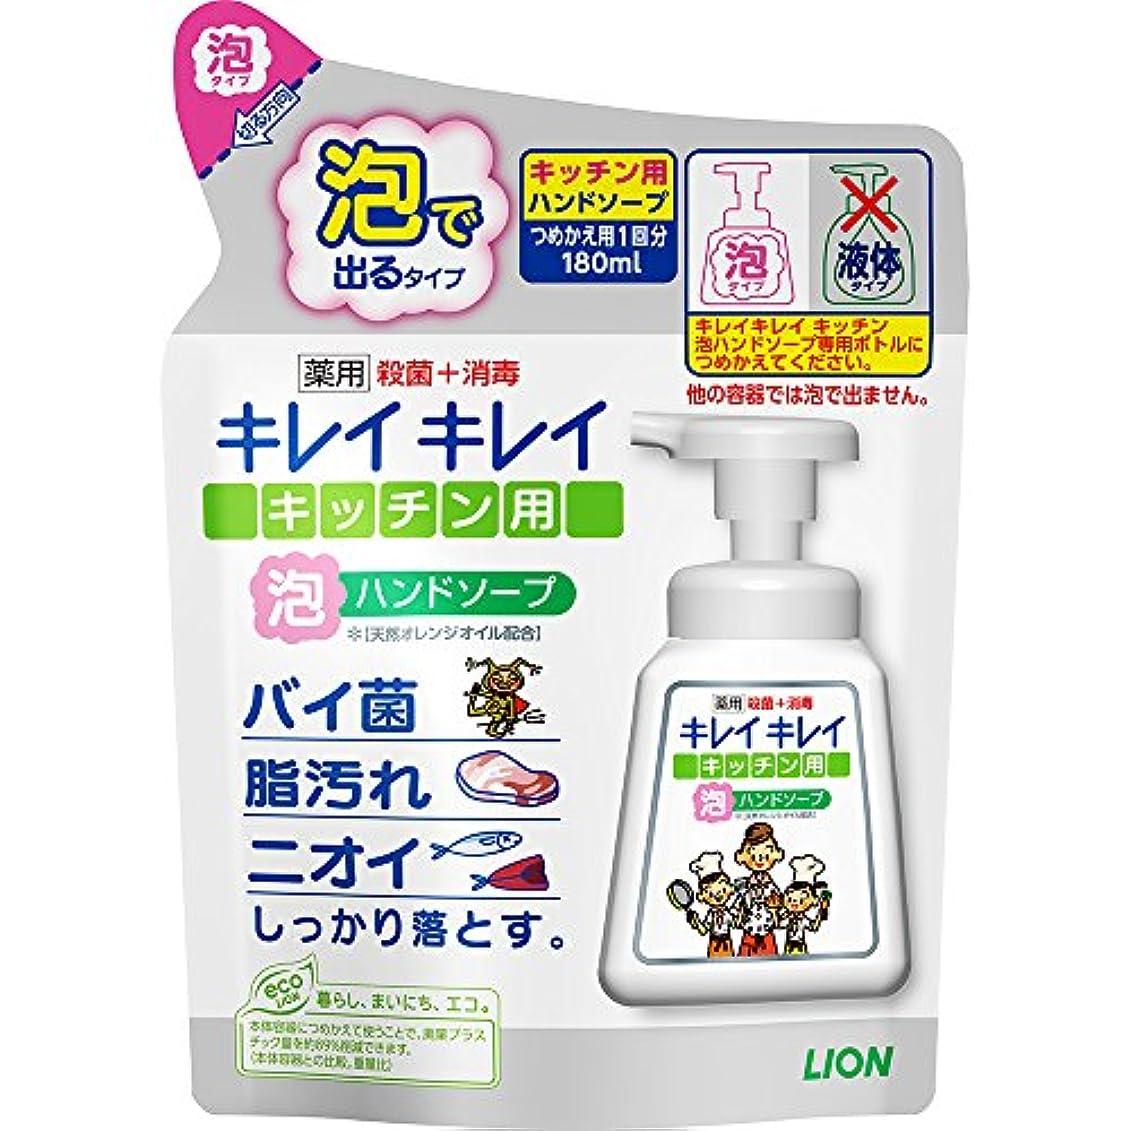 【医薬部外品】キレイキレイ 薬用キッチン泡ハンドソープ 詰め替え 180ml